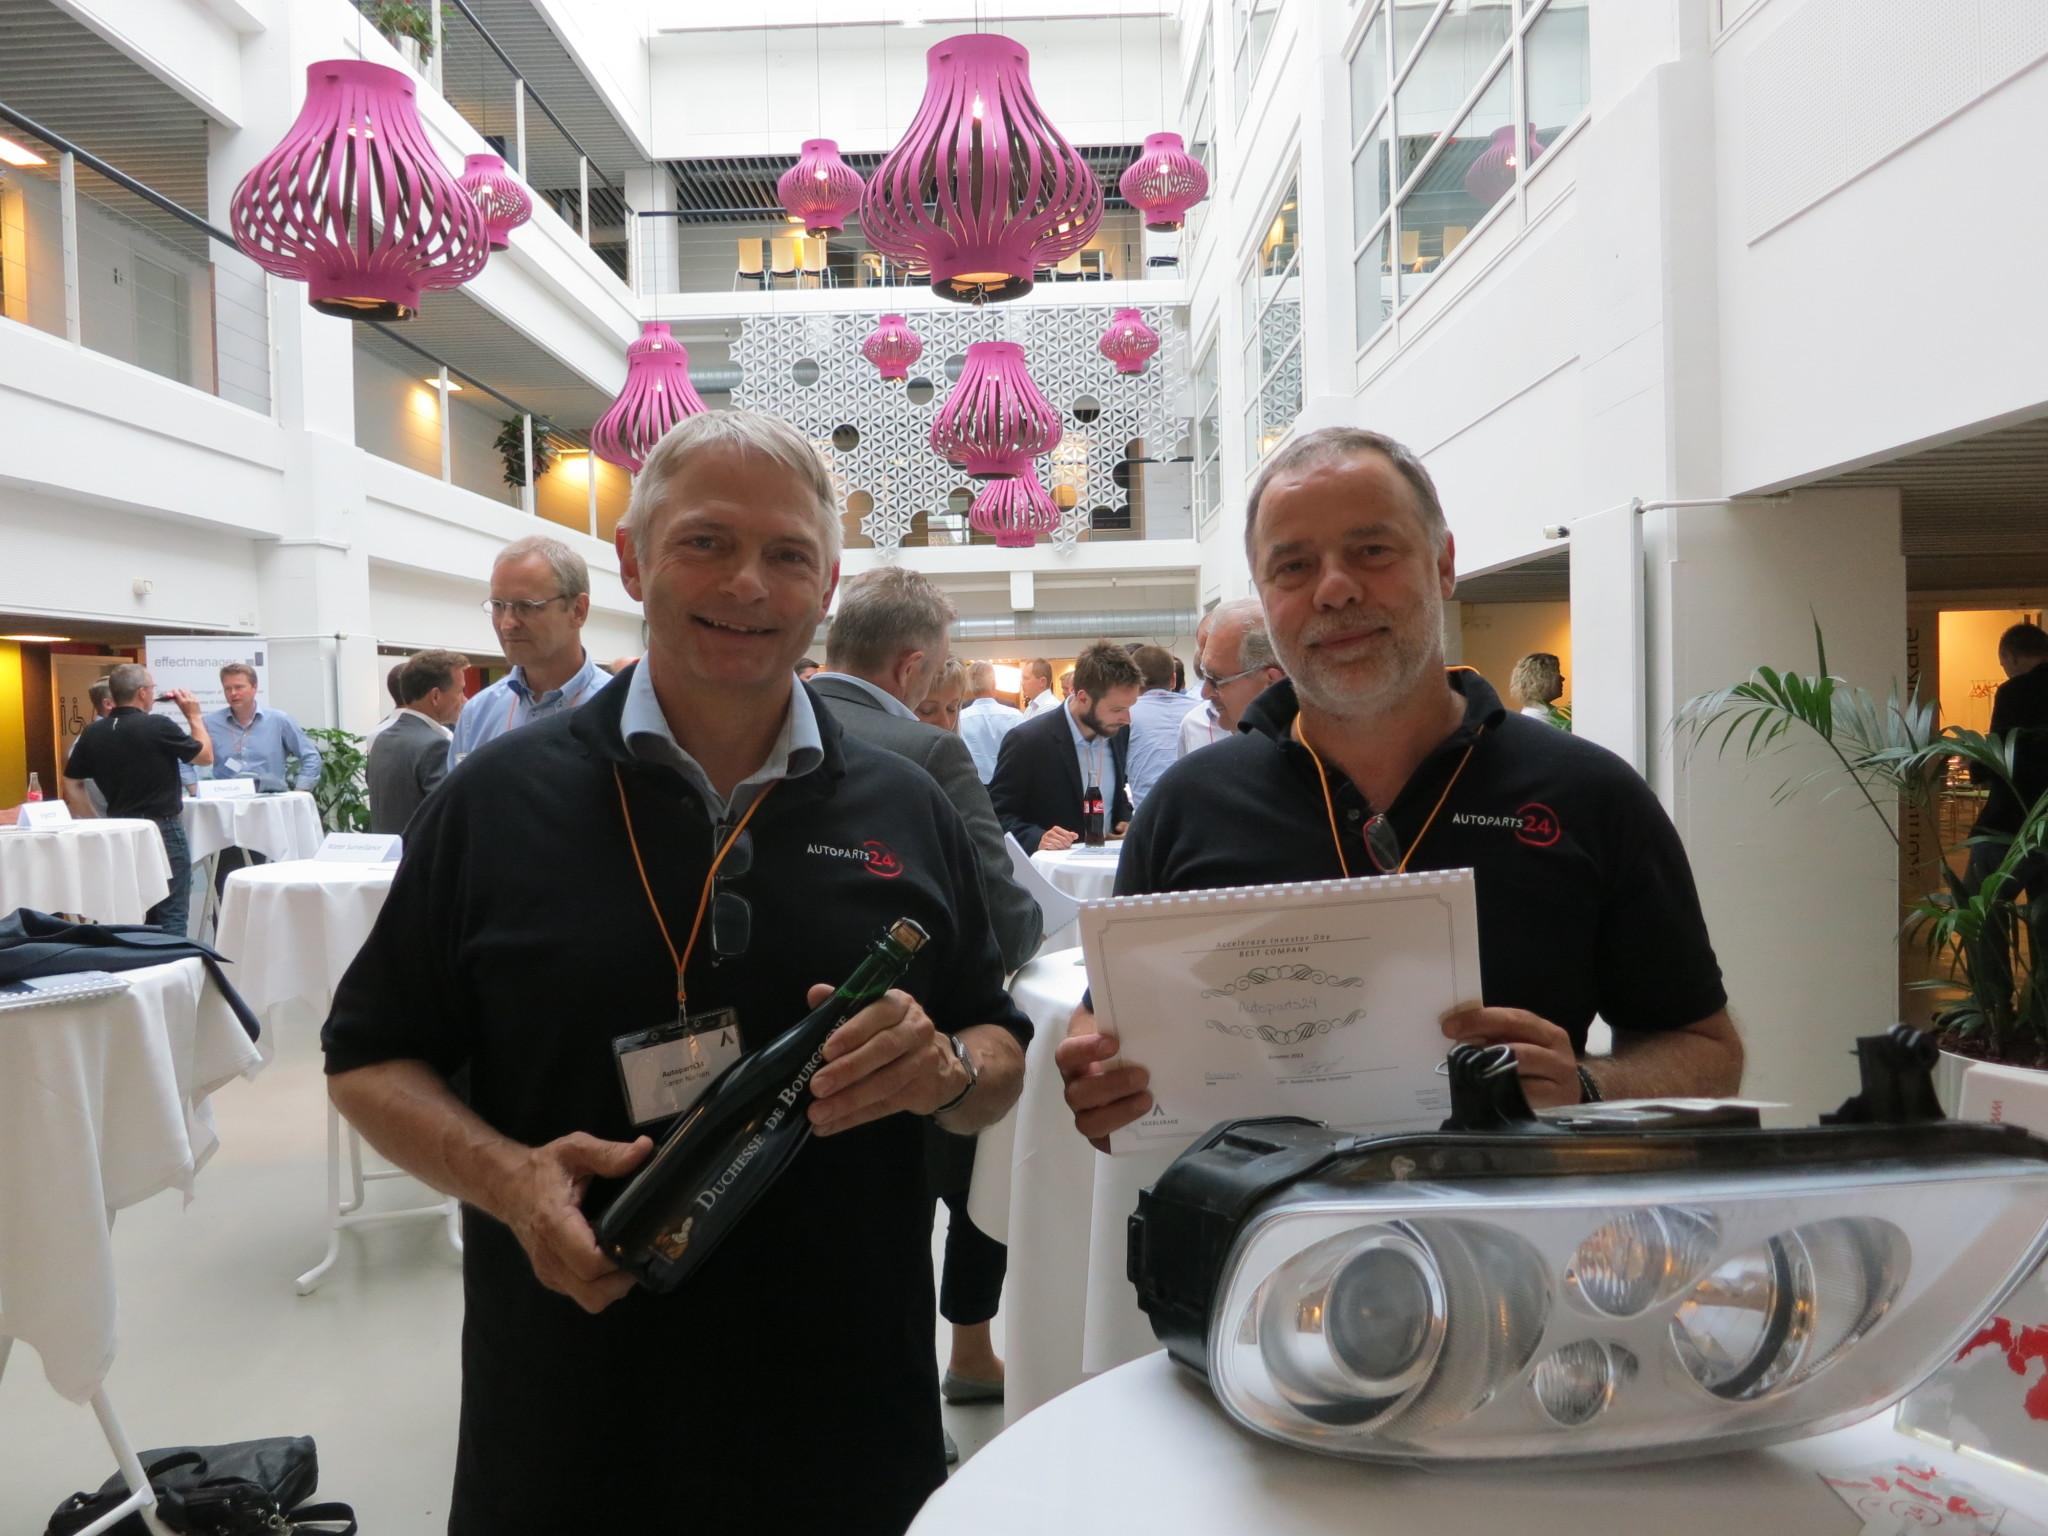 Autoparts24 vinder pris for bedste startup ved Accelerace Investor Day